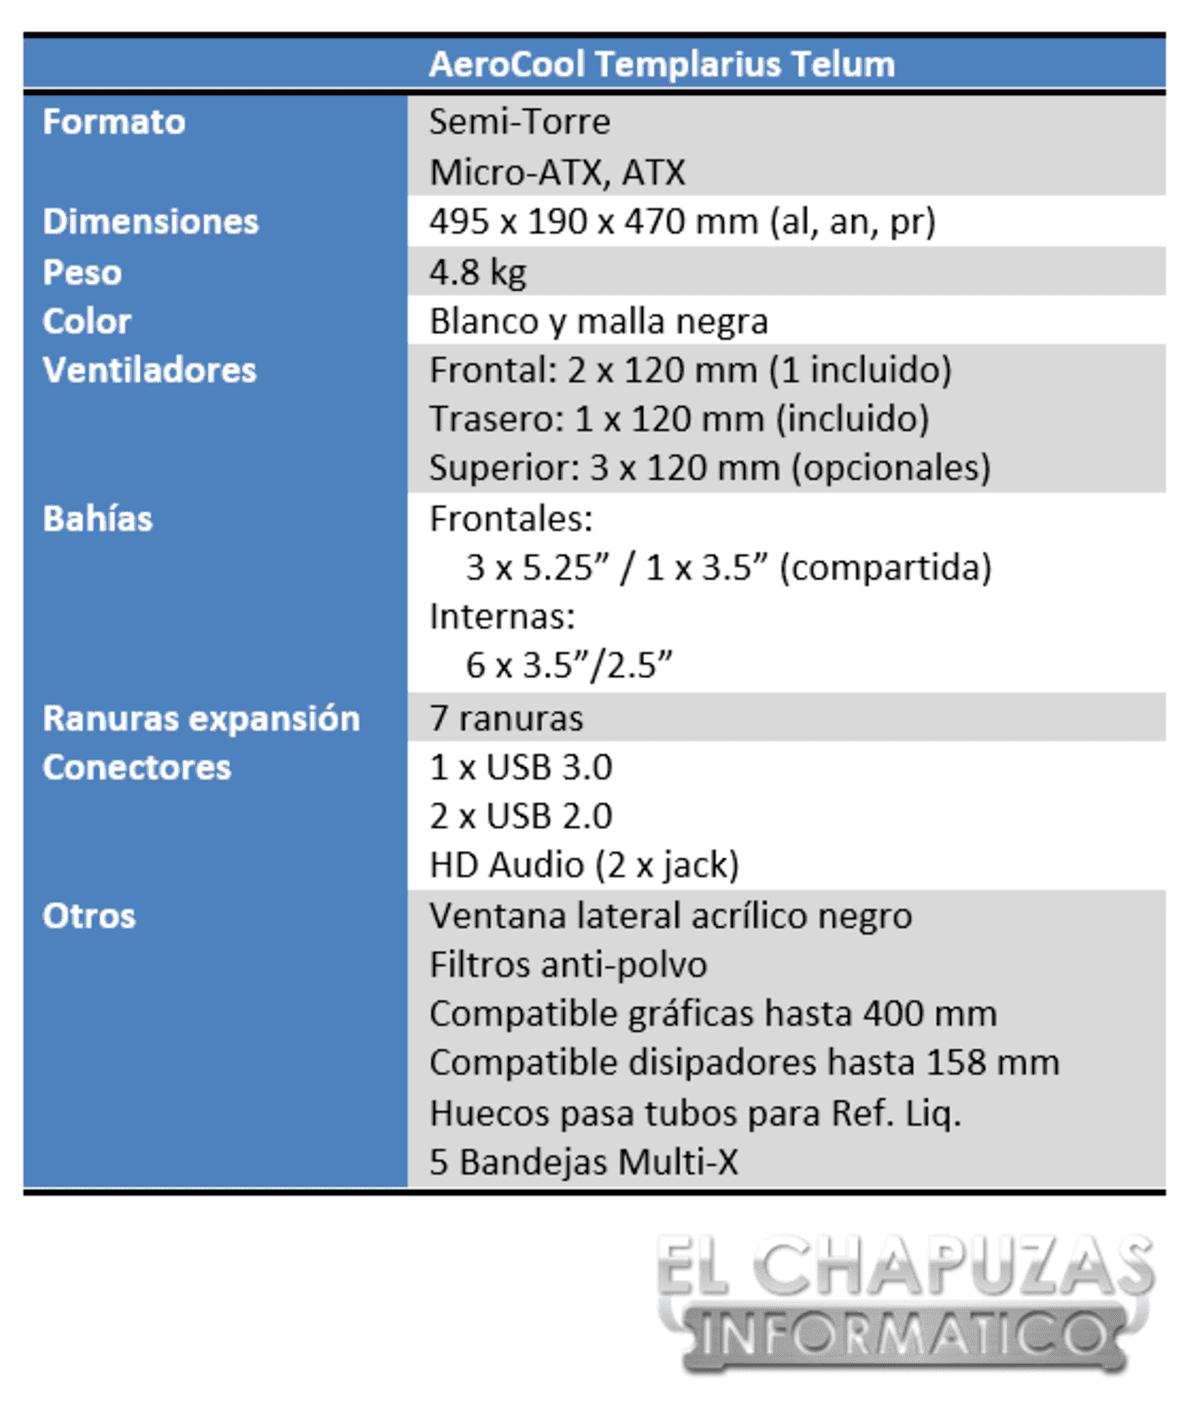 lchapuzasinformatico.com wp content uploads 2013 04 Aerocool Templarius Telum Especificaciones 1